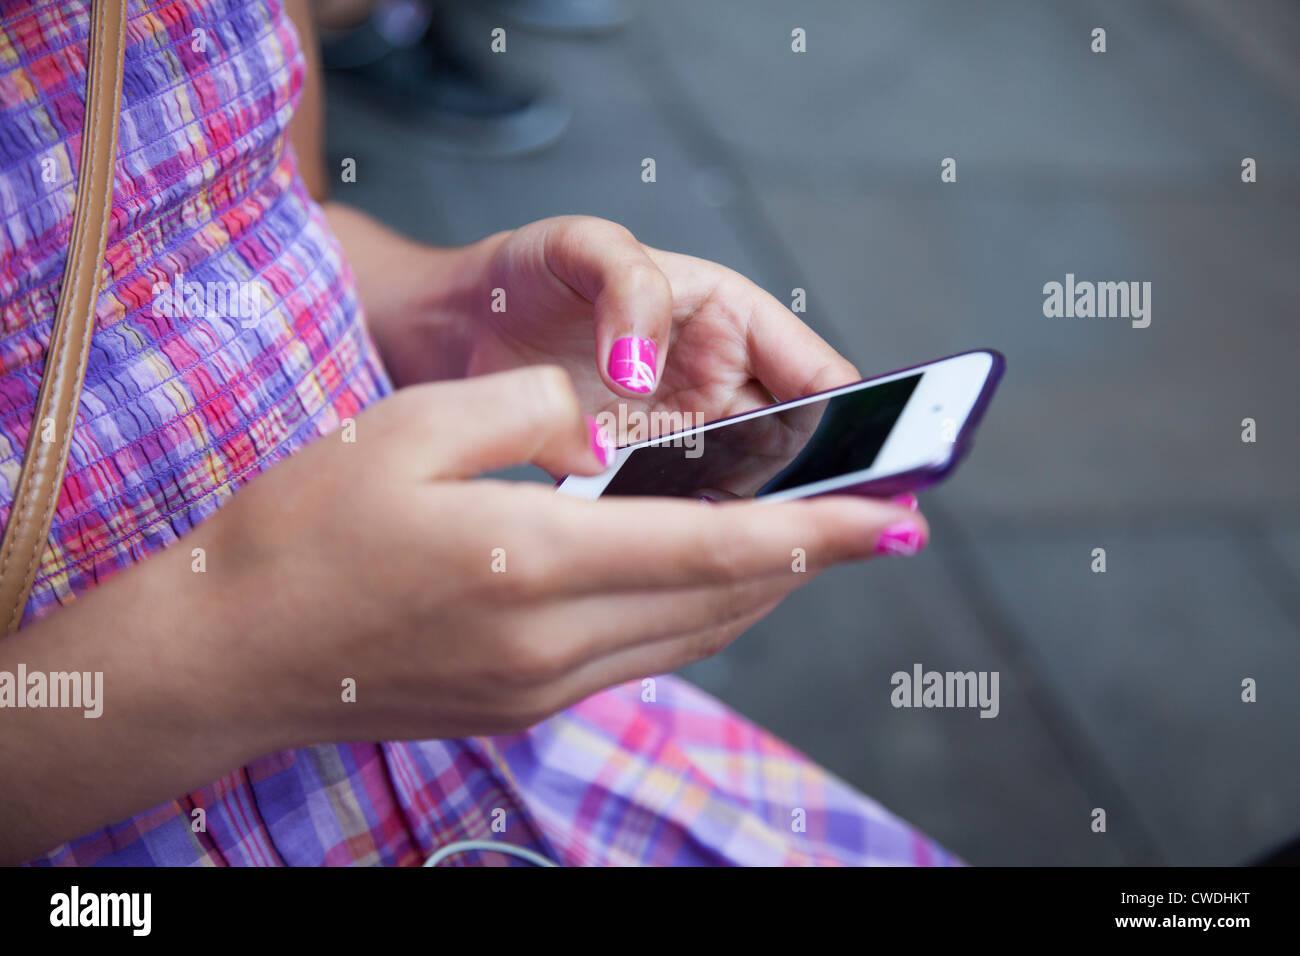 Chica joven,con uñas pintadas envía un mensaje en pantalla táctil teléfono inteligente-close-up Foto de stock